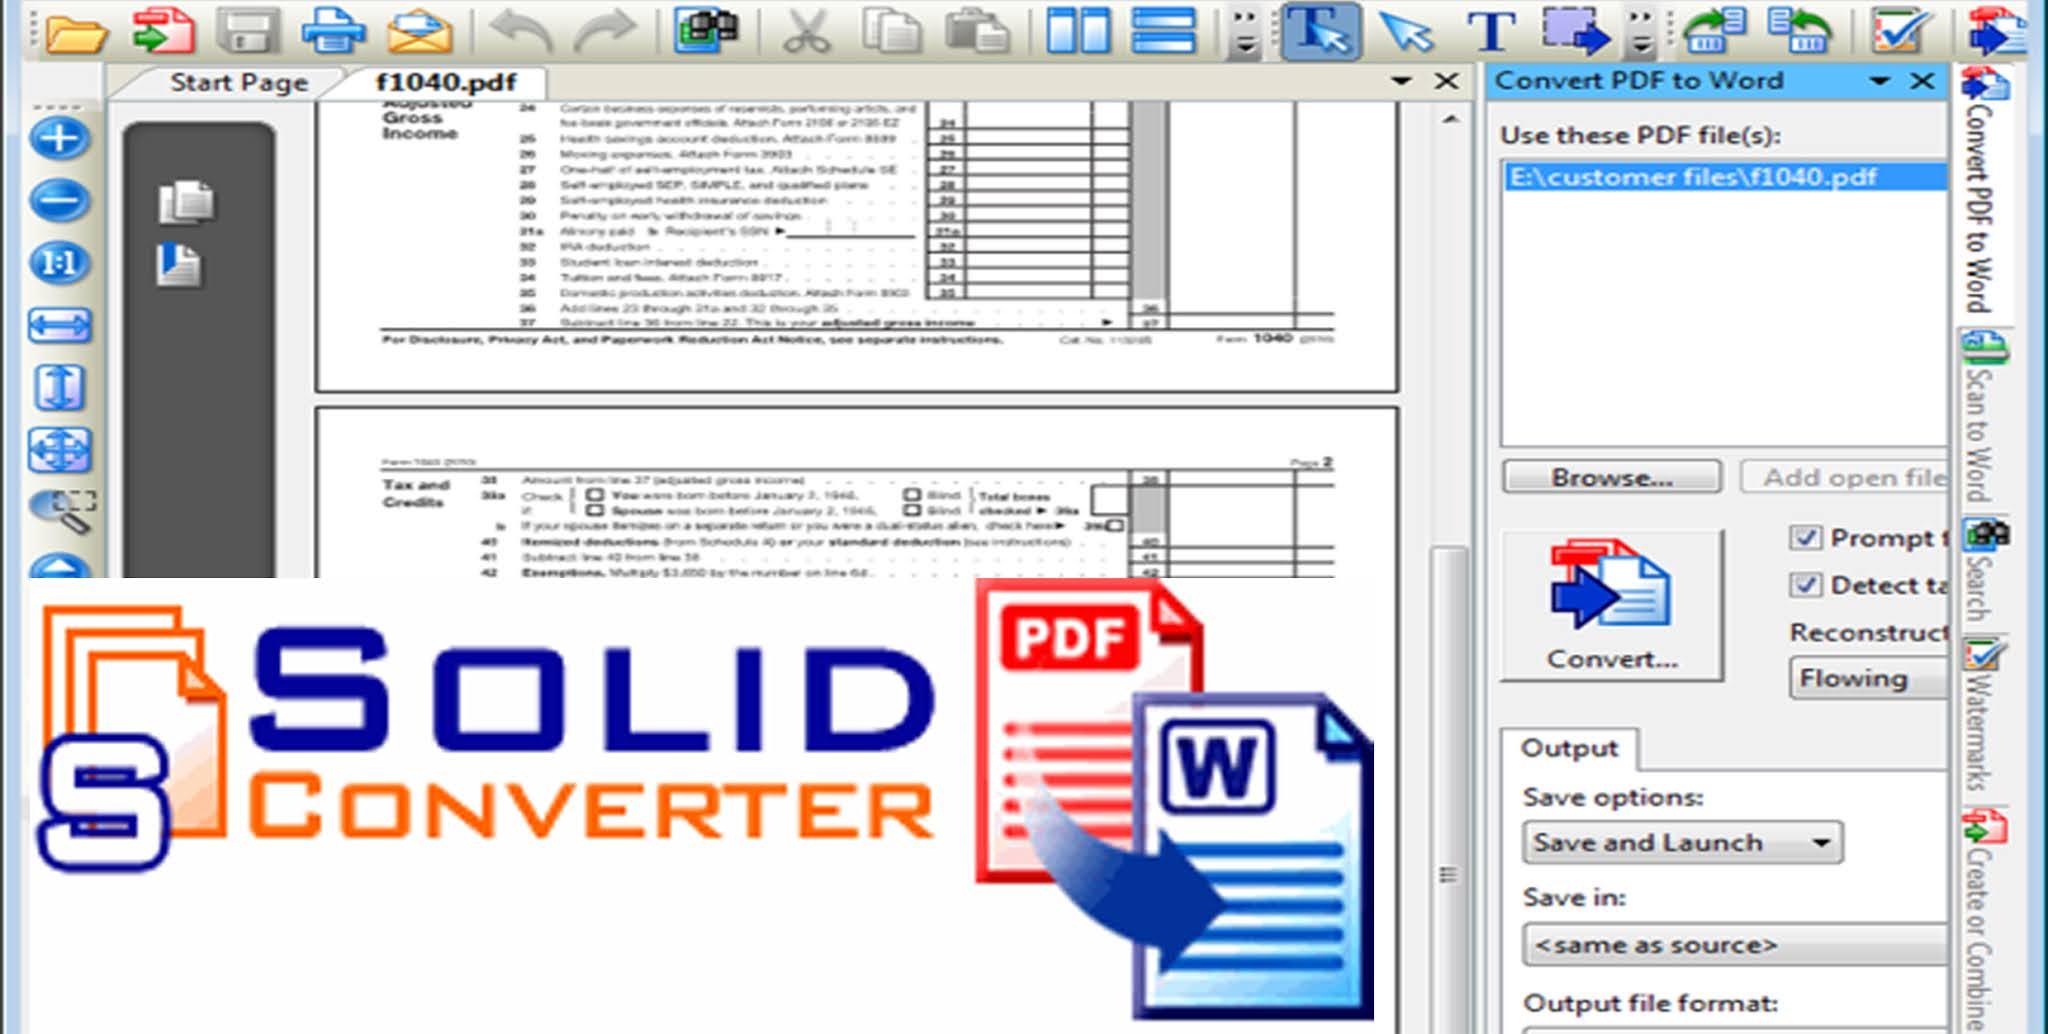 Cara Install Solid Converter PDF Full Version